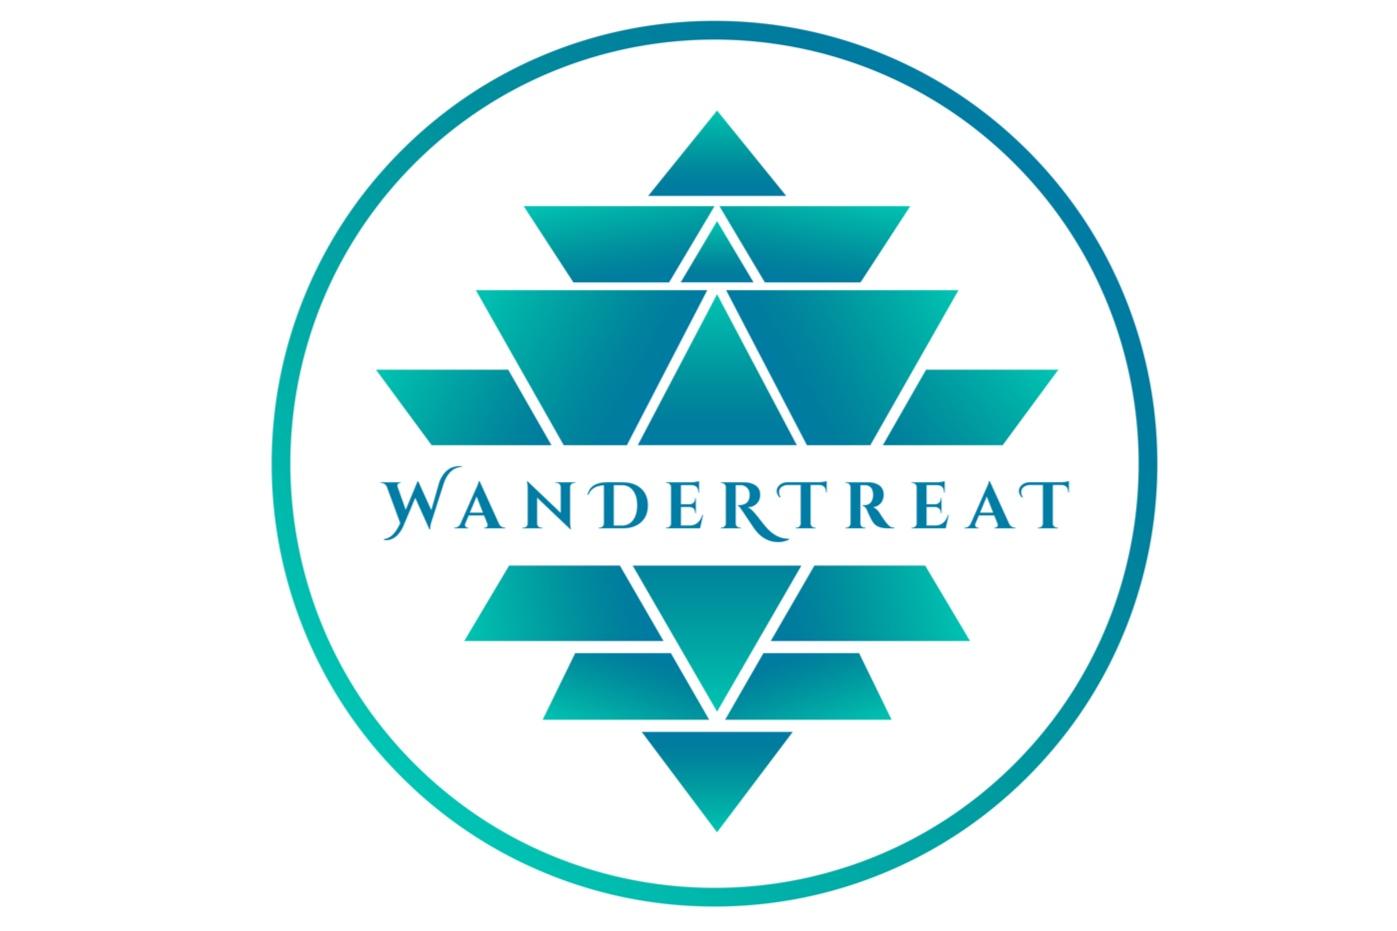 Wandertreat-Logo_Revision-2-4.png